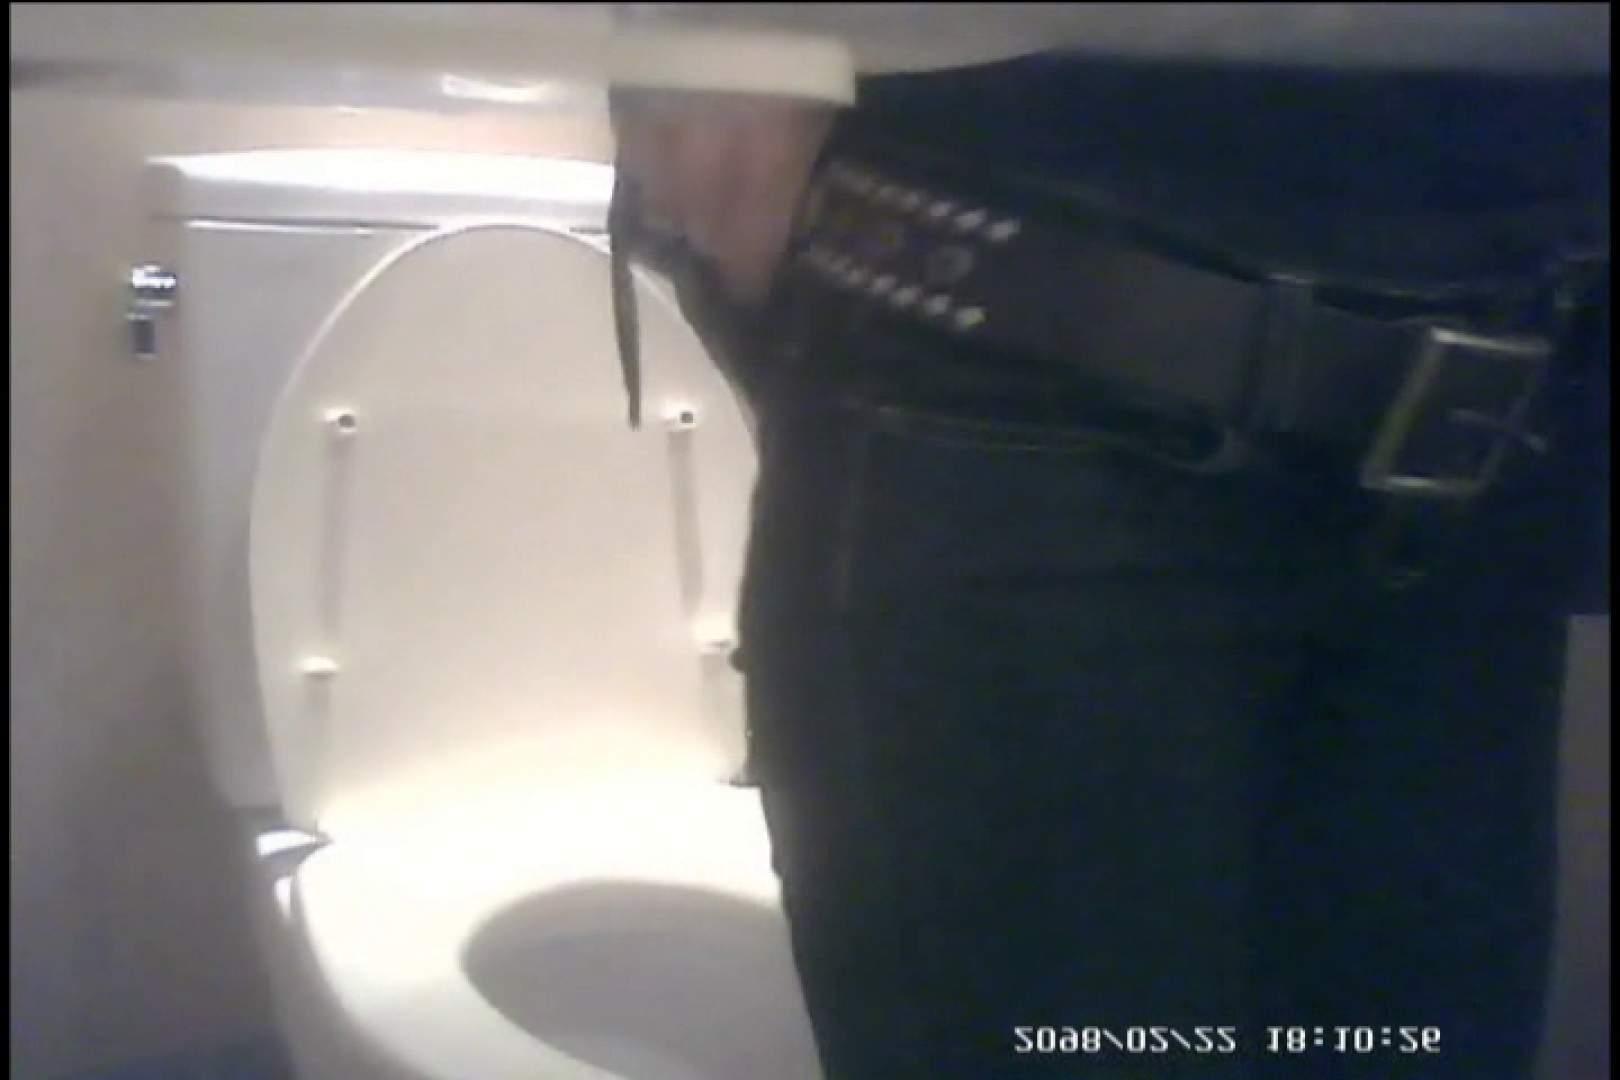 画質向上!新亀さん厠 vol.60 OLのエロ生活 セックス無修正動画無料 49連発 32